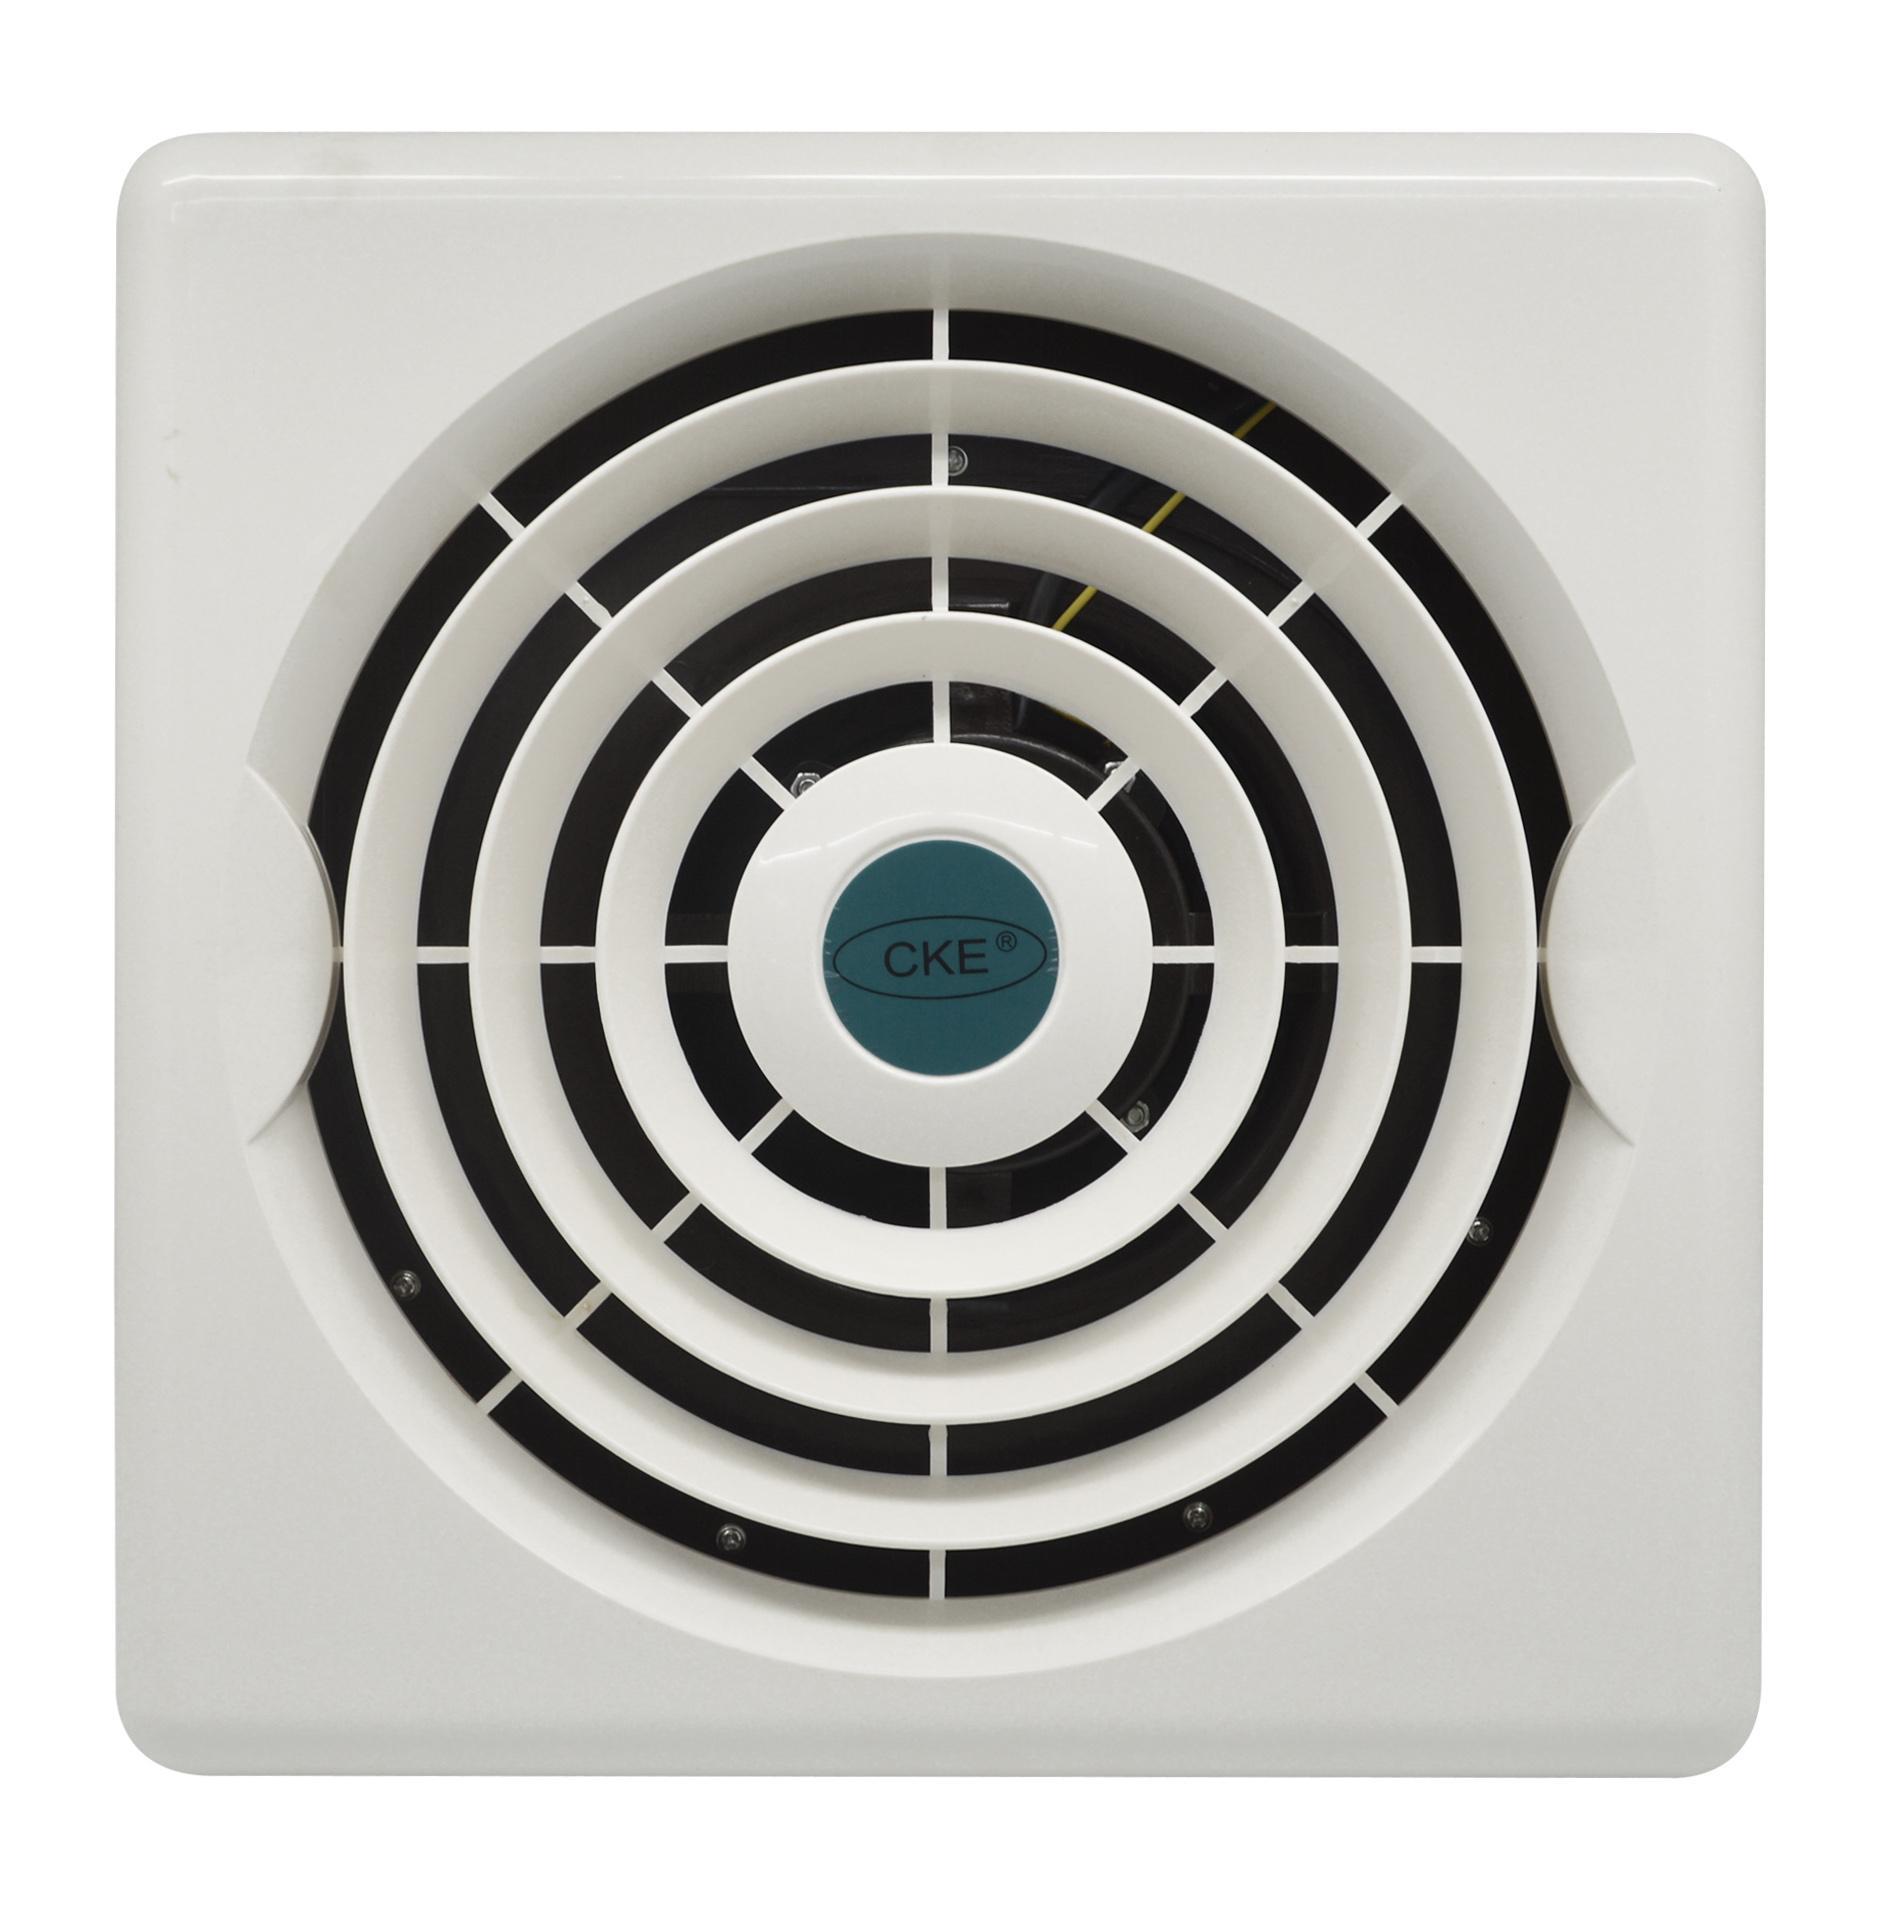 Kipas Cke Ceiling Duct CD-KTD18F – Putih Power 40 W 220 V Frequency 50 Hz Pressure 1250 Rpm Fan Exhaust Rumah Toilet Dapur Restoran Udara Hisap Angin Nyaman Aman Tidak Berisik Power Sejuk Dingin Ventilasi Plafon Eksos (10 Inch)